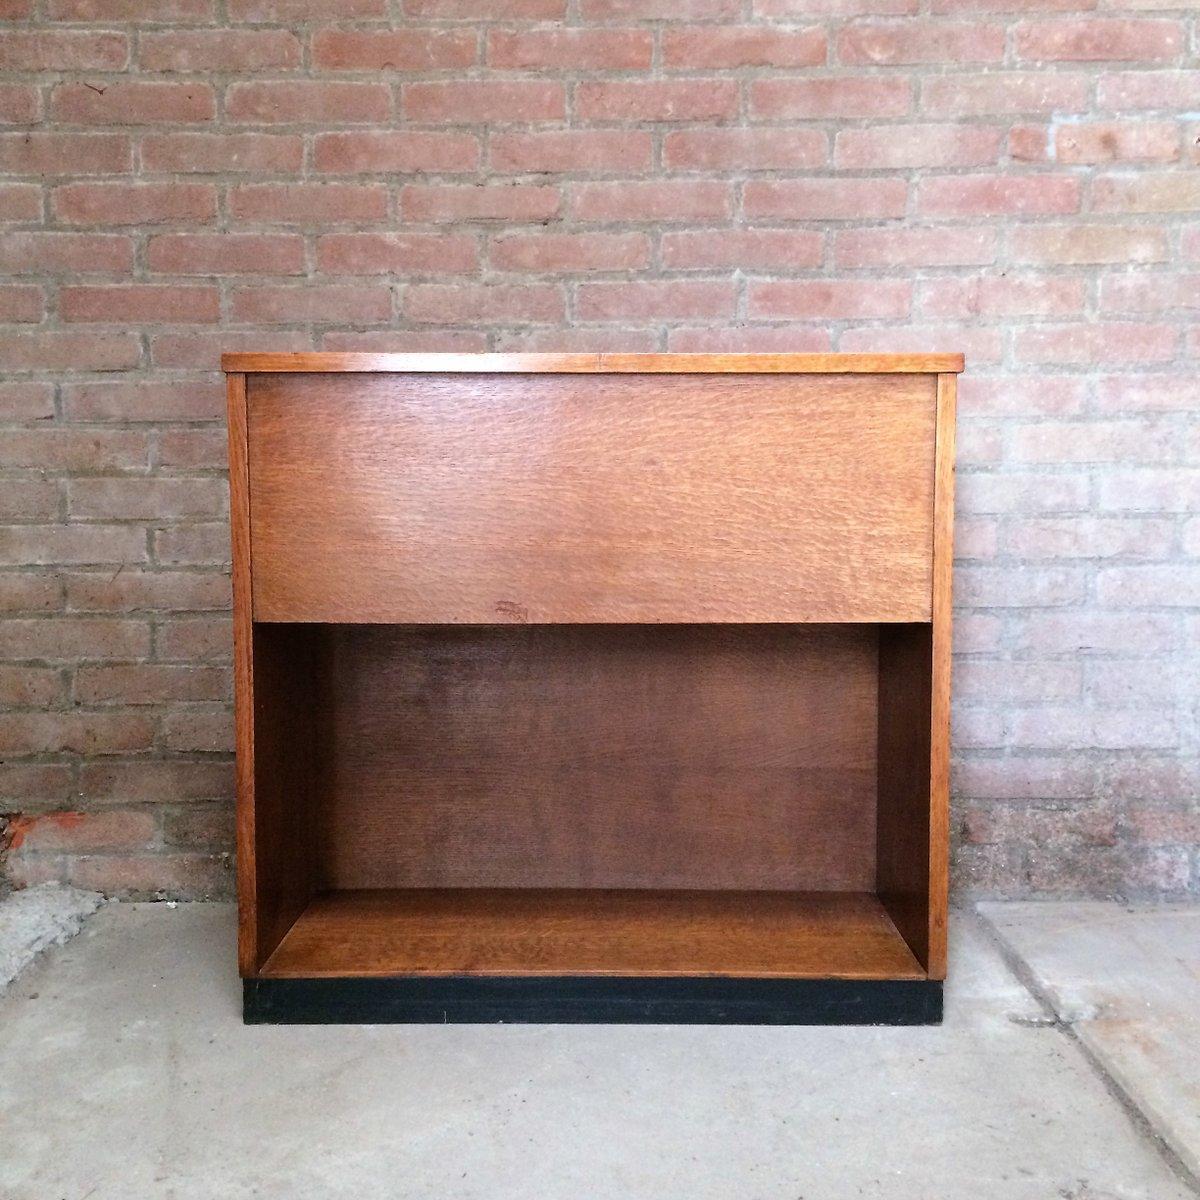 meuble double face art d co 1940s en vente sur pamono. Black Bedroom Furniture Sets. Home Design Ideas